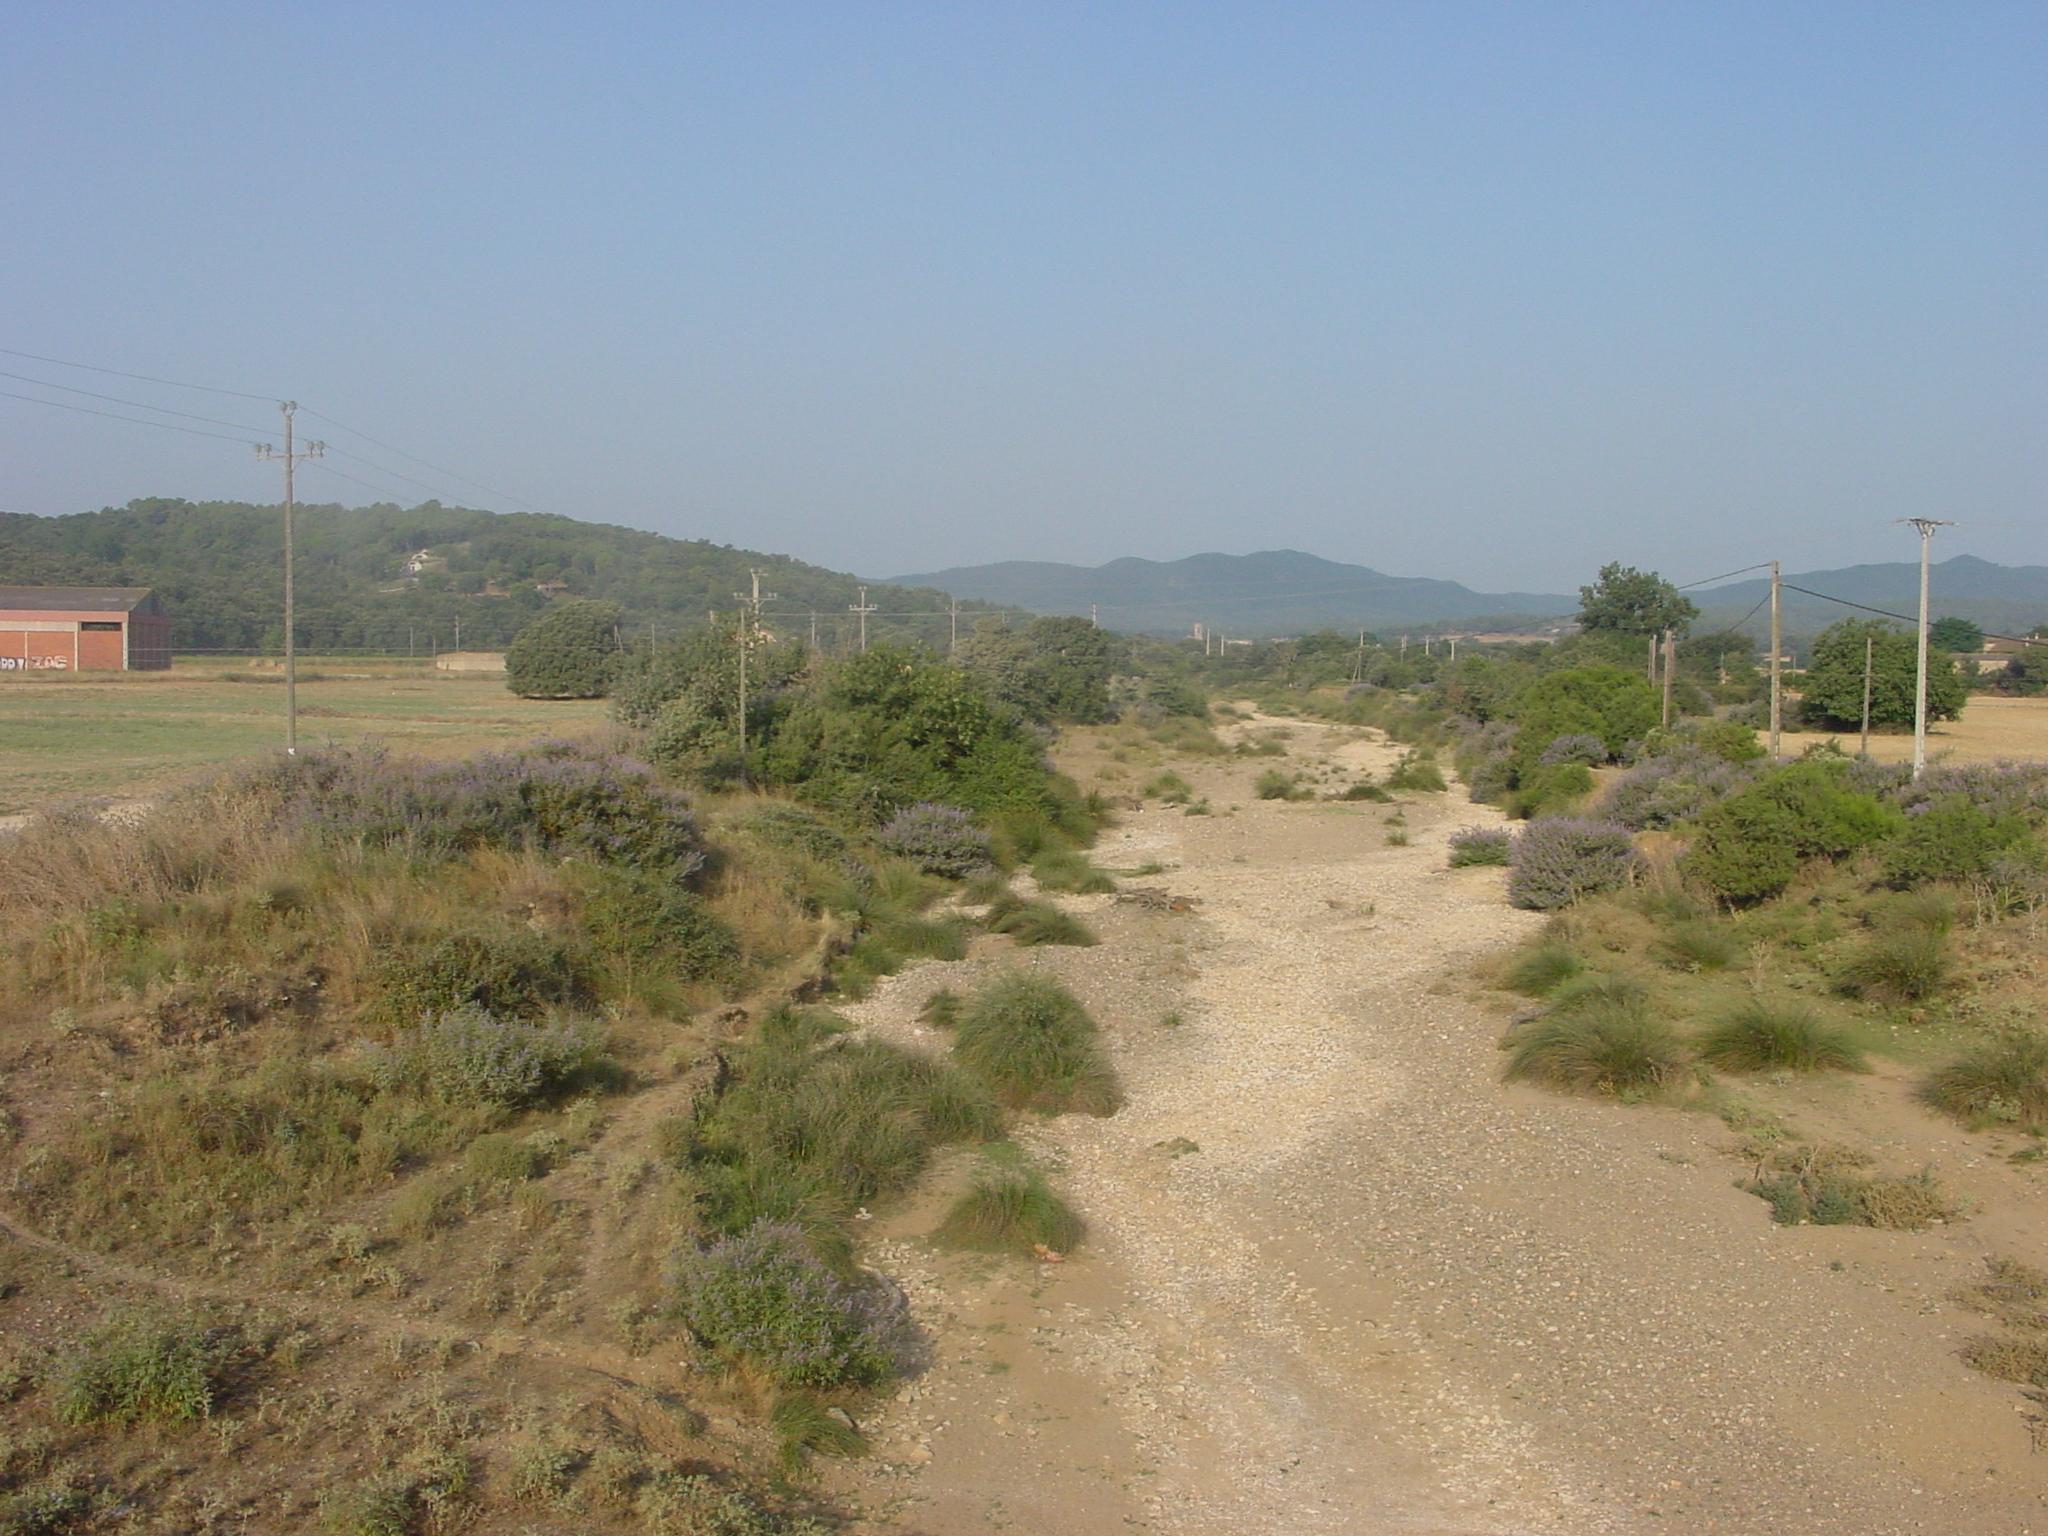 El Rissec com el seu nom indica sol anar sec la major part de l'any, a la imatge es veu el curs del riu ben sec.